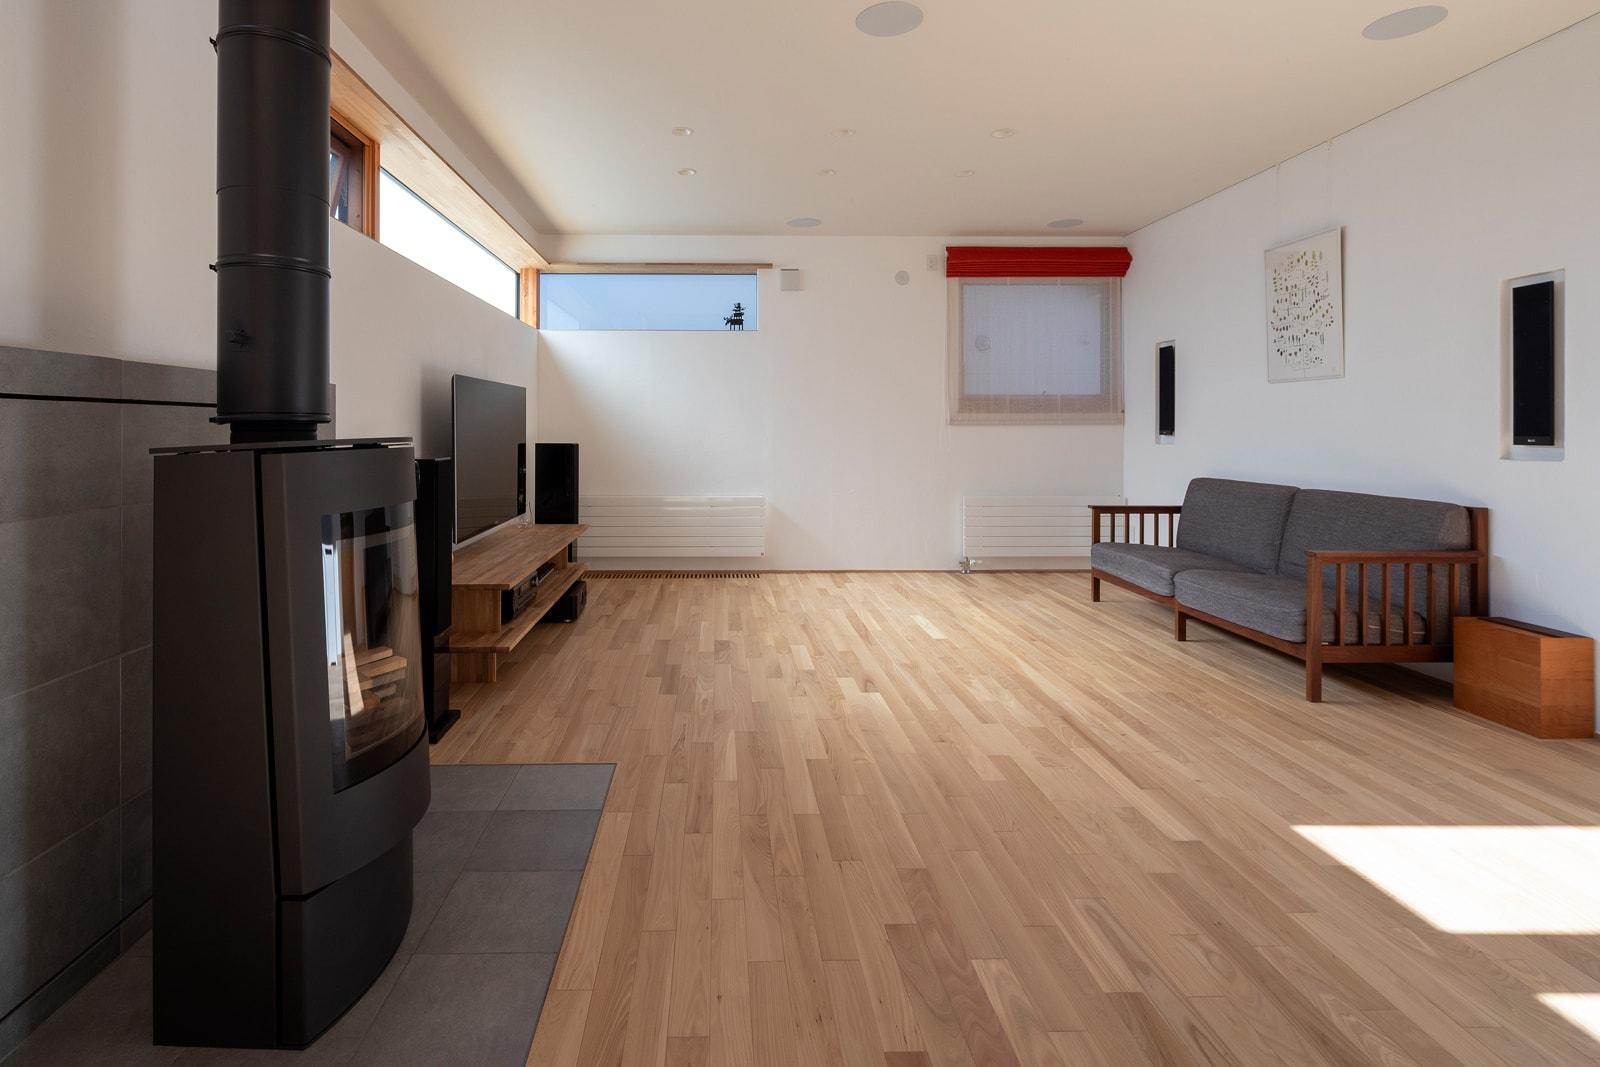 もちろん薪ストーブとパネルヒーターを併用することも多い。新築時に、ライフスタイルに合わせてメイン暖房を選ぶのが大切